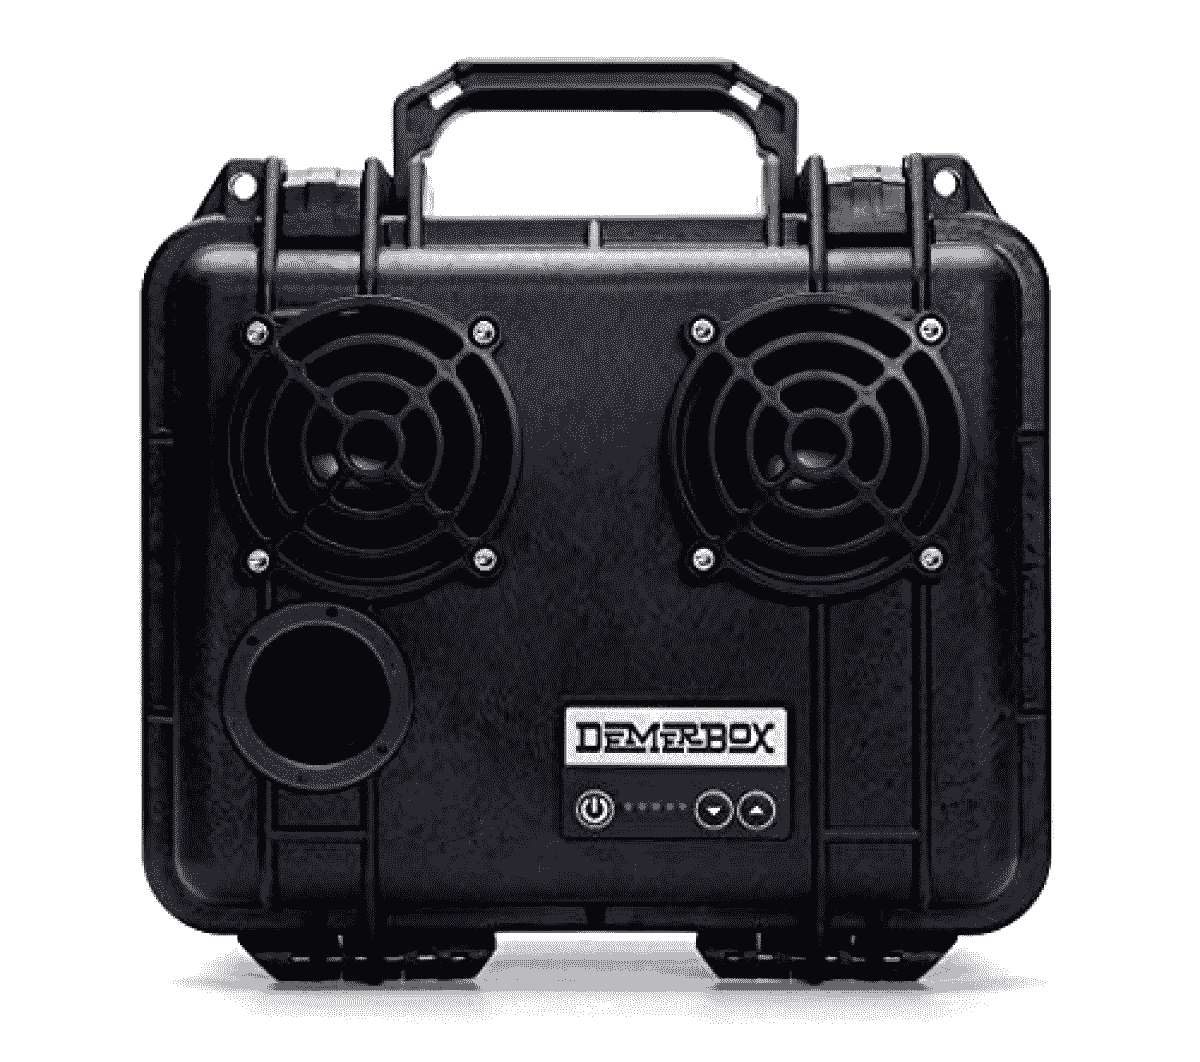 DemerBox Wireless Waterproof Speaker